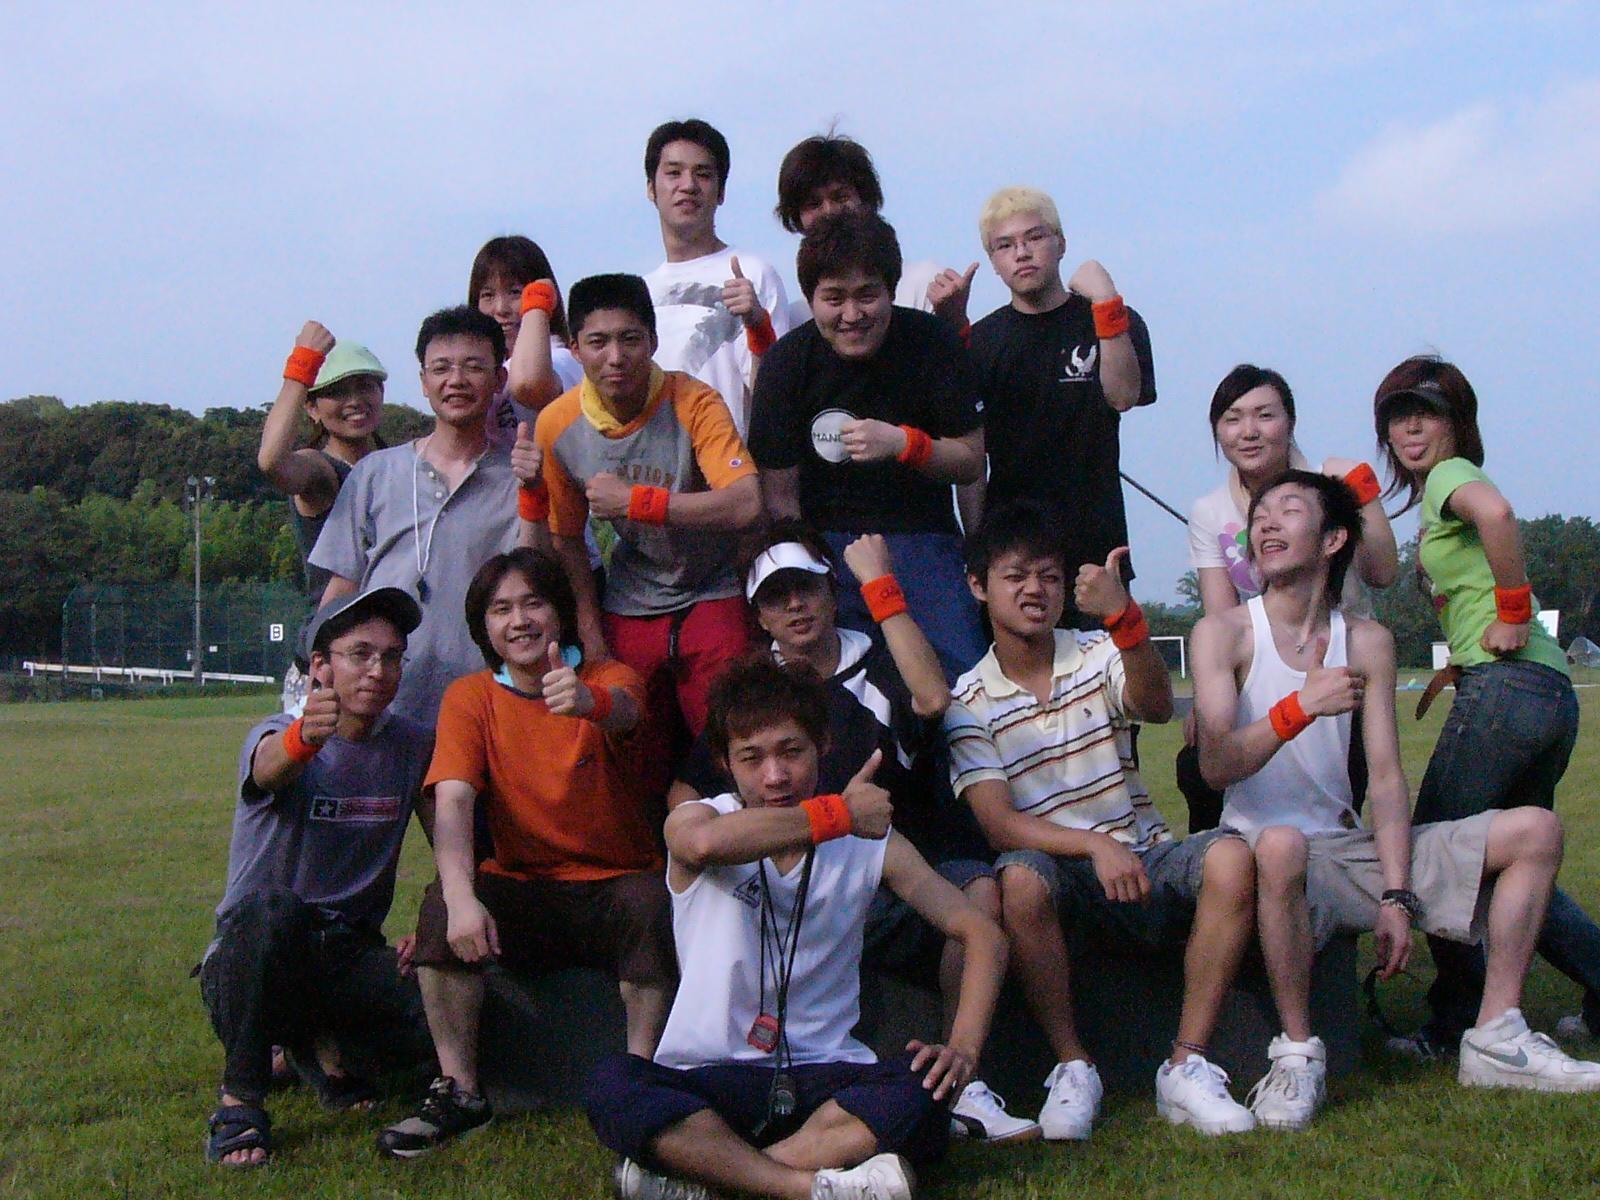 仲間の喜ぶ顔を見られるのが本当に楽しみですし、メンバー全員で使用して試合が出来る日が待ち遠しい限りです。